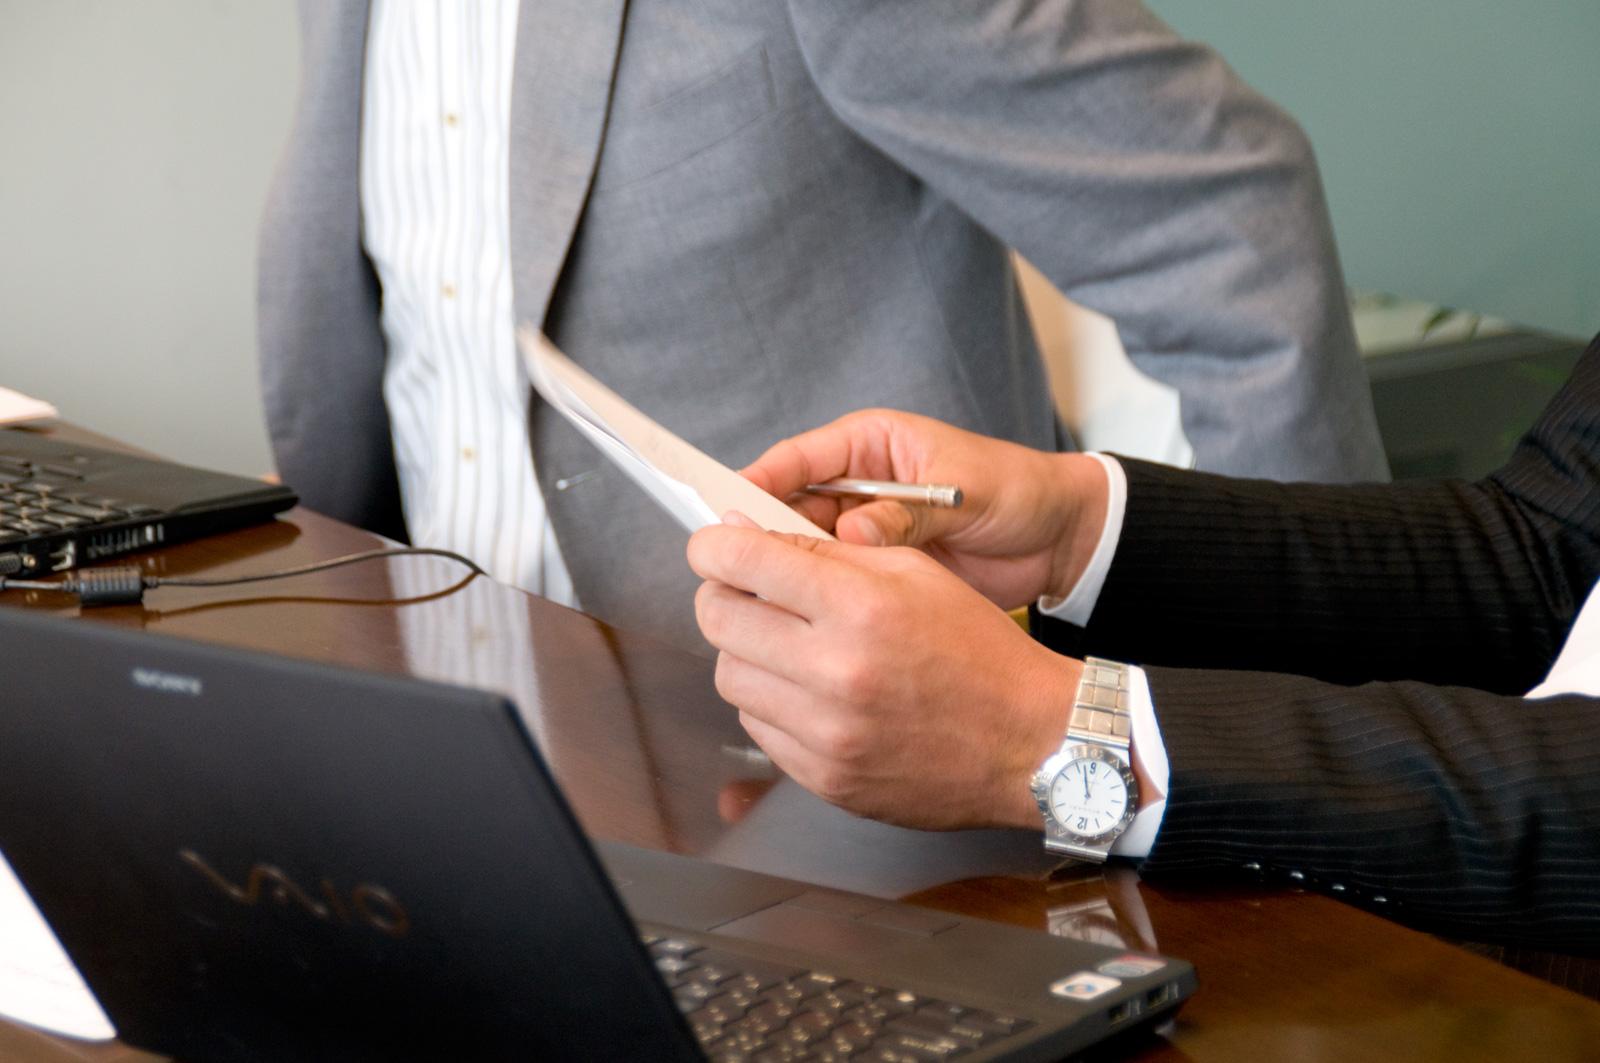 技術者の転職活動で書類選考通過率を上げる基本的な方法